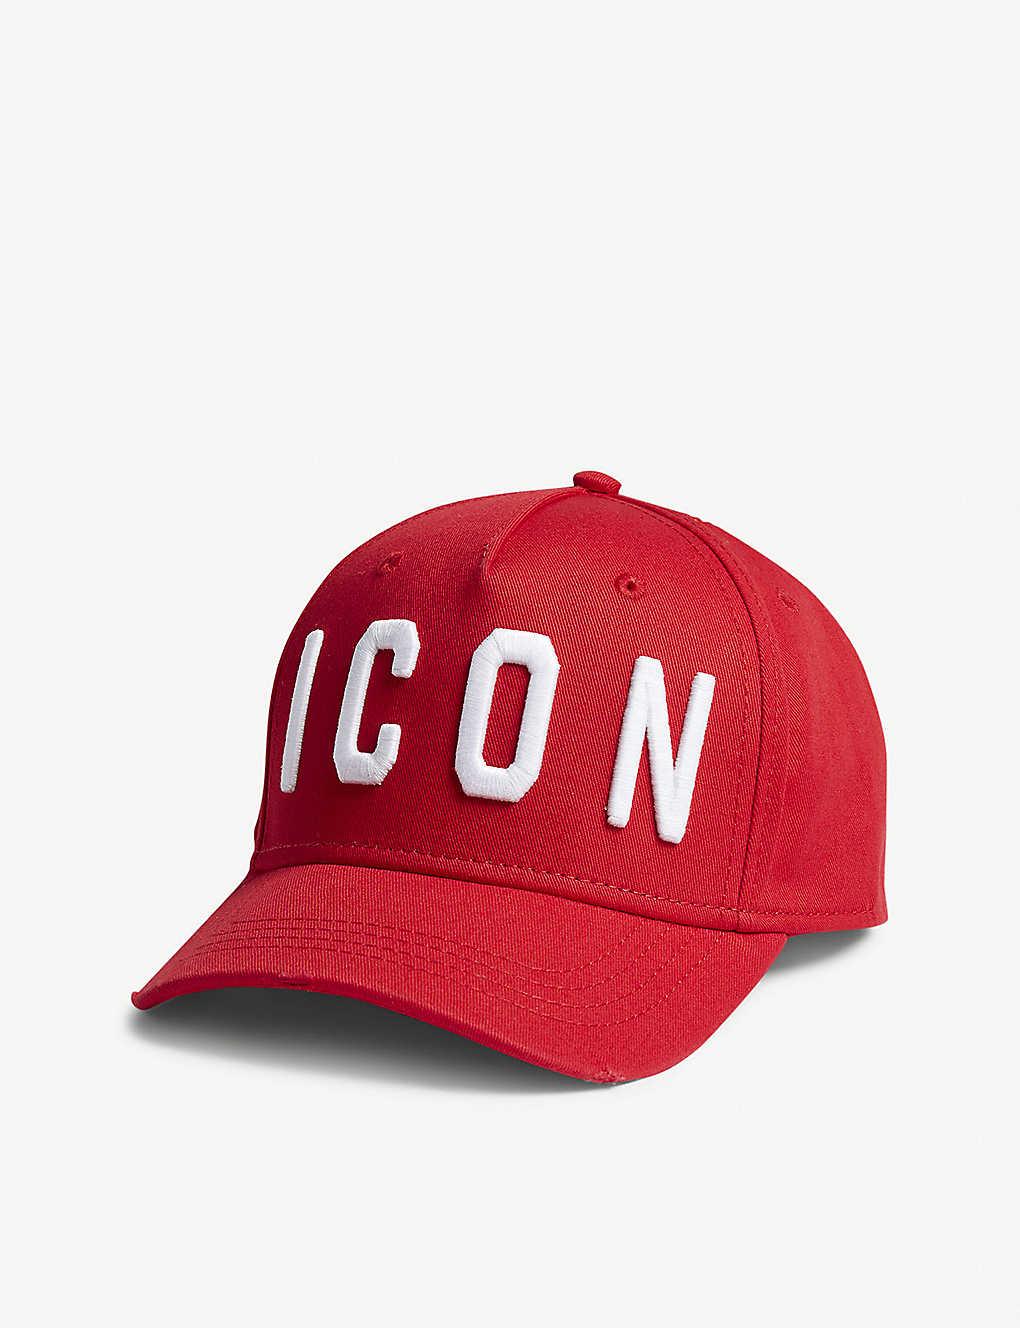 6e5170a2 DSQUARED2 - Icon cotton cap | Selfridges.com